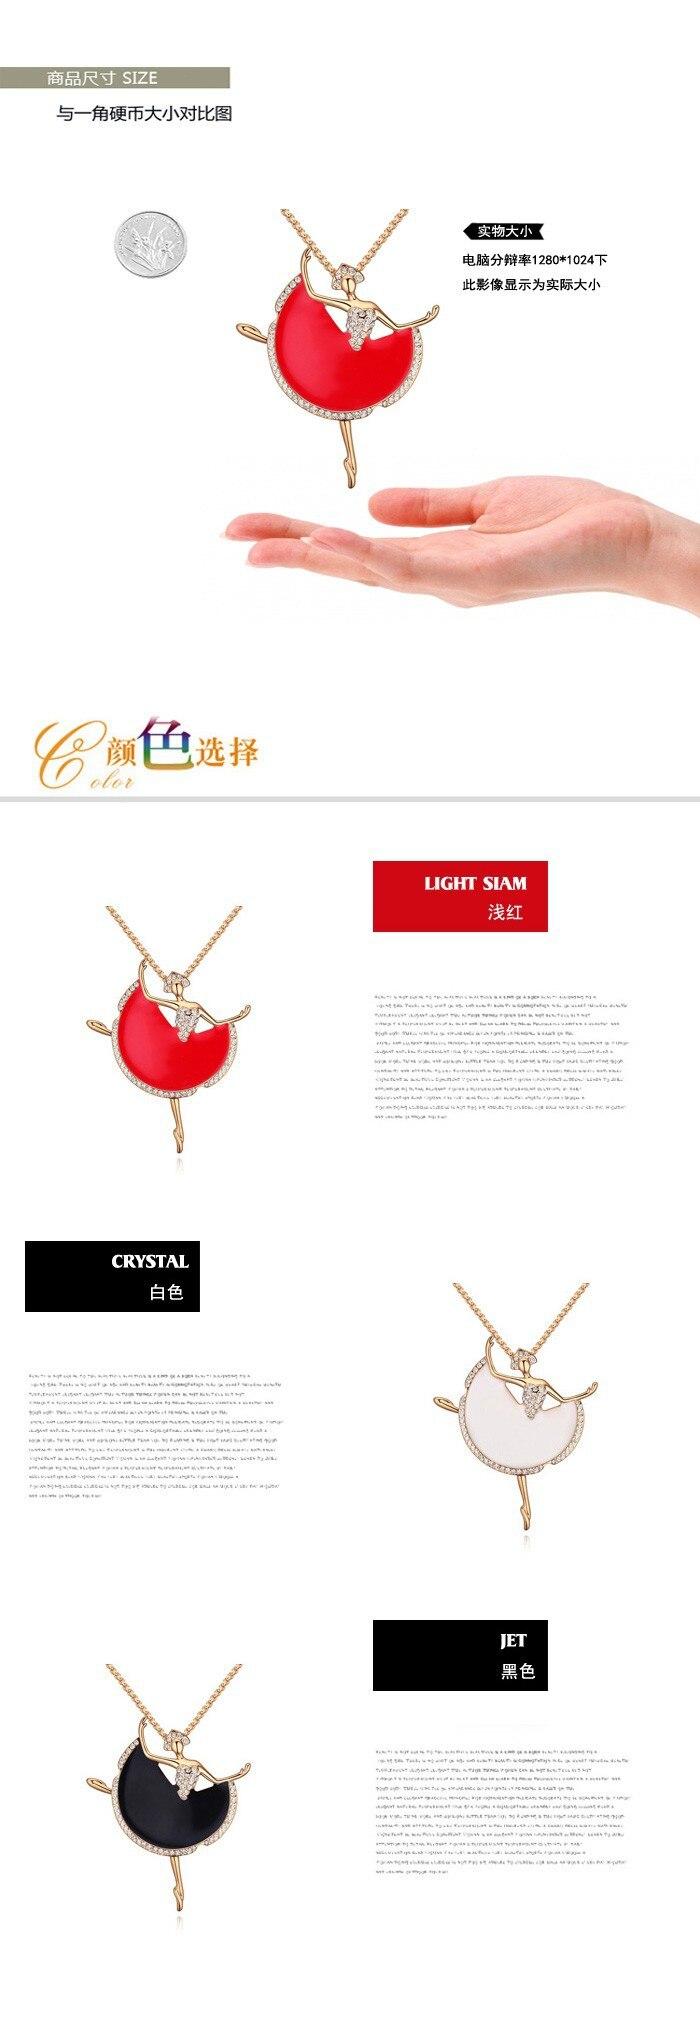 US $11.77 20% OFF|Nette Kristall Ballerina Abbildung Anhänger Halskette Gold Farbe Lange Kette Pullover Collier Frauen Kinder Kostüm Schmuck in